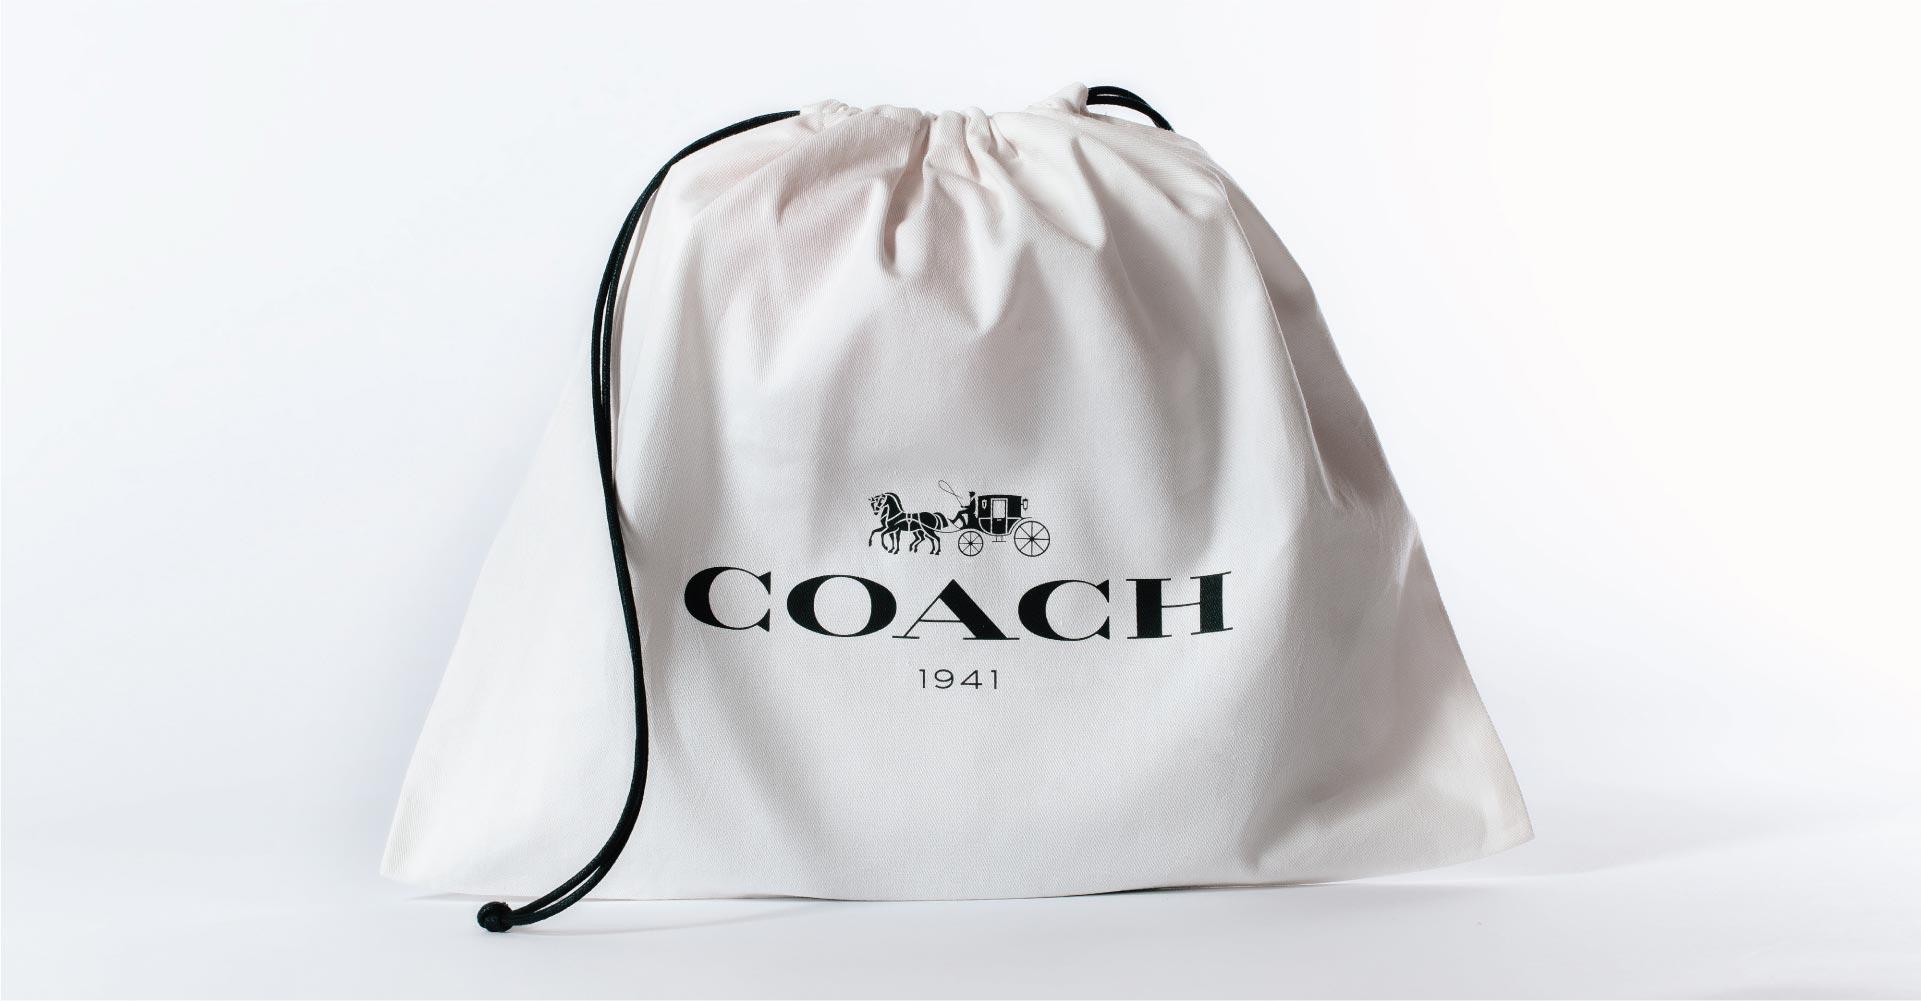 Creative_Retail_Packaging_Package_Design_Luxury_Coach_03.jpg